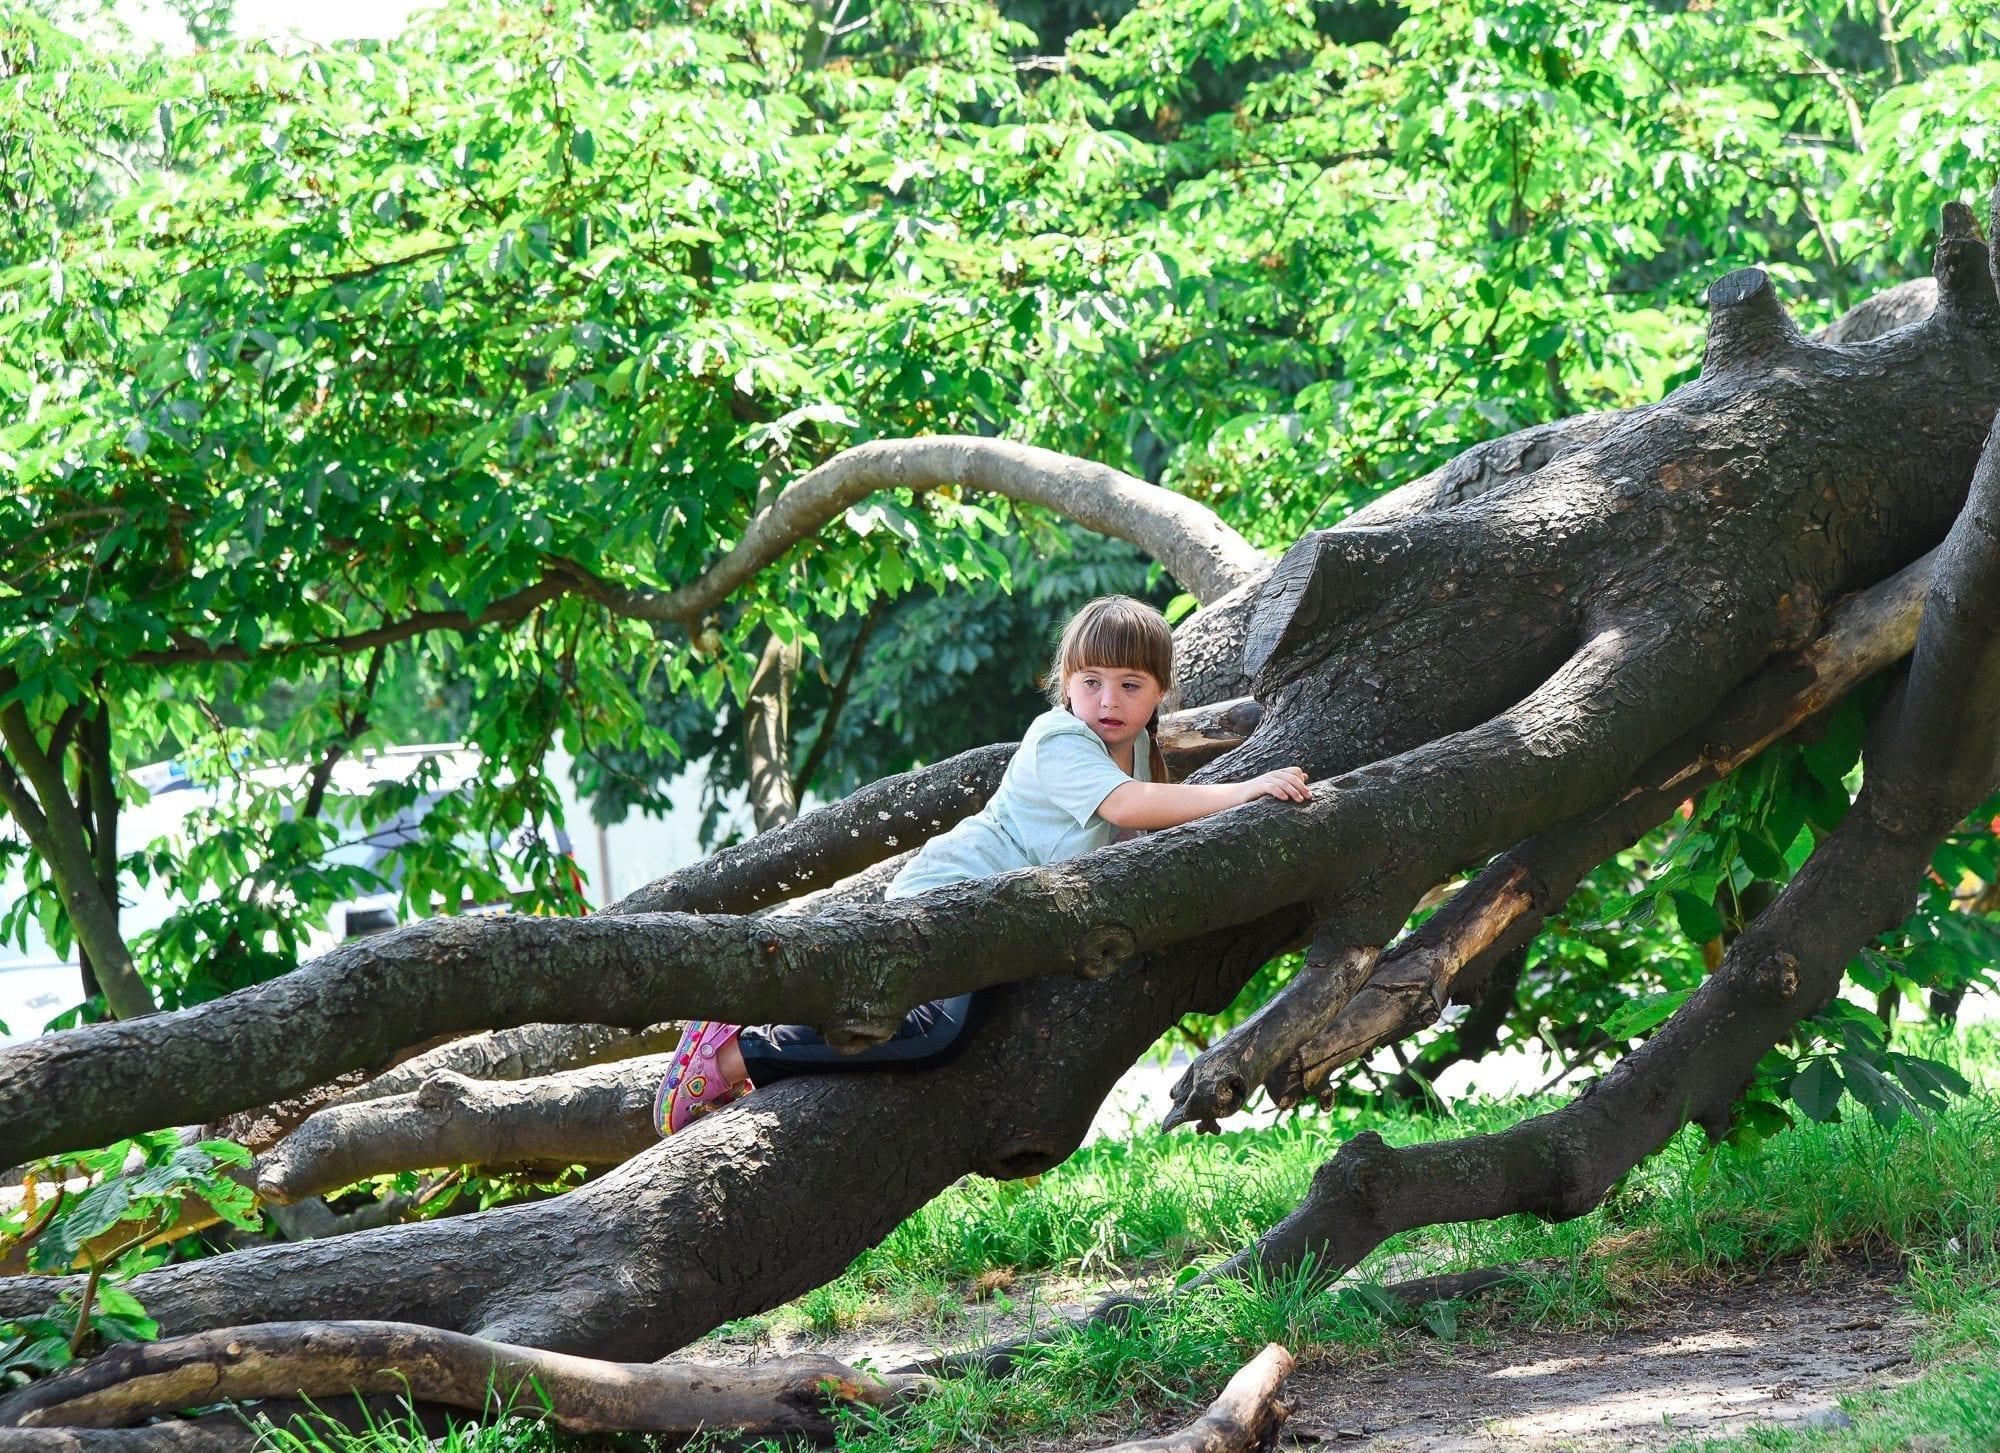 moxie on a tree